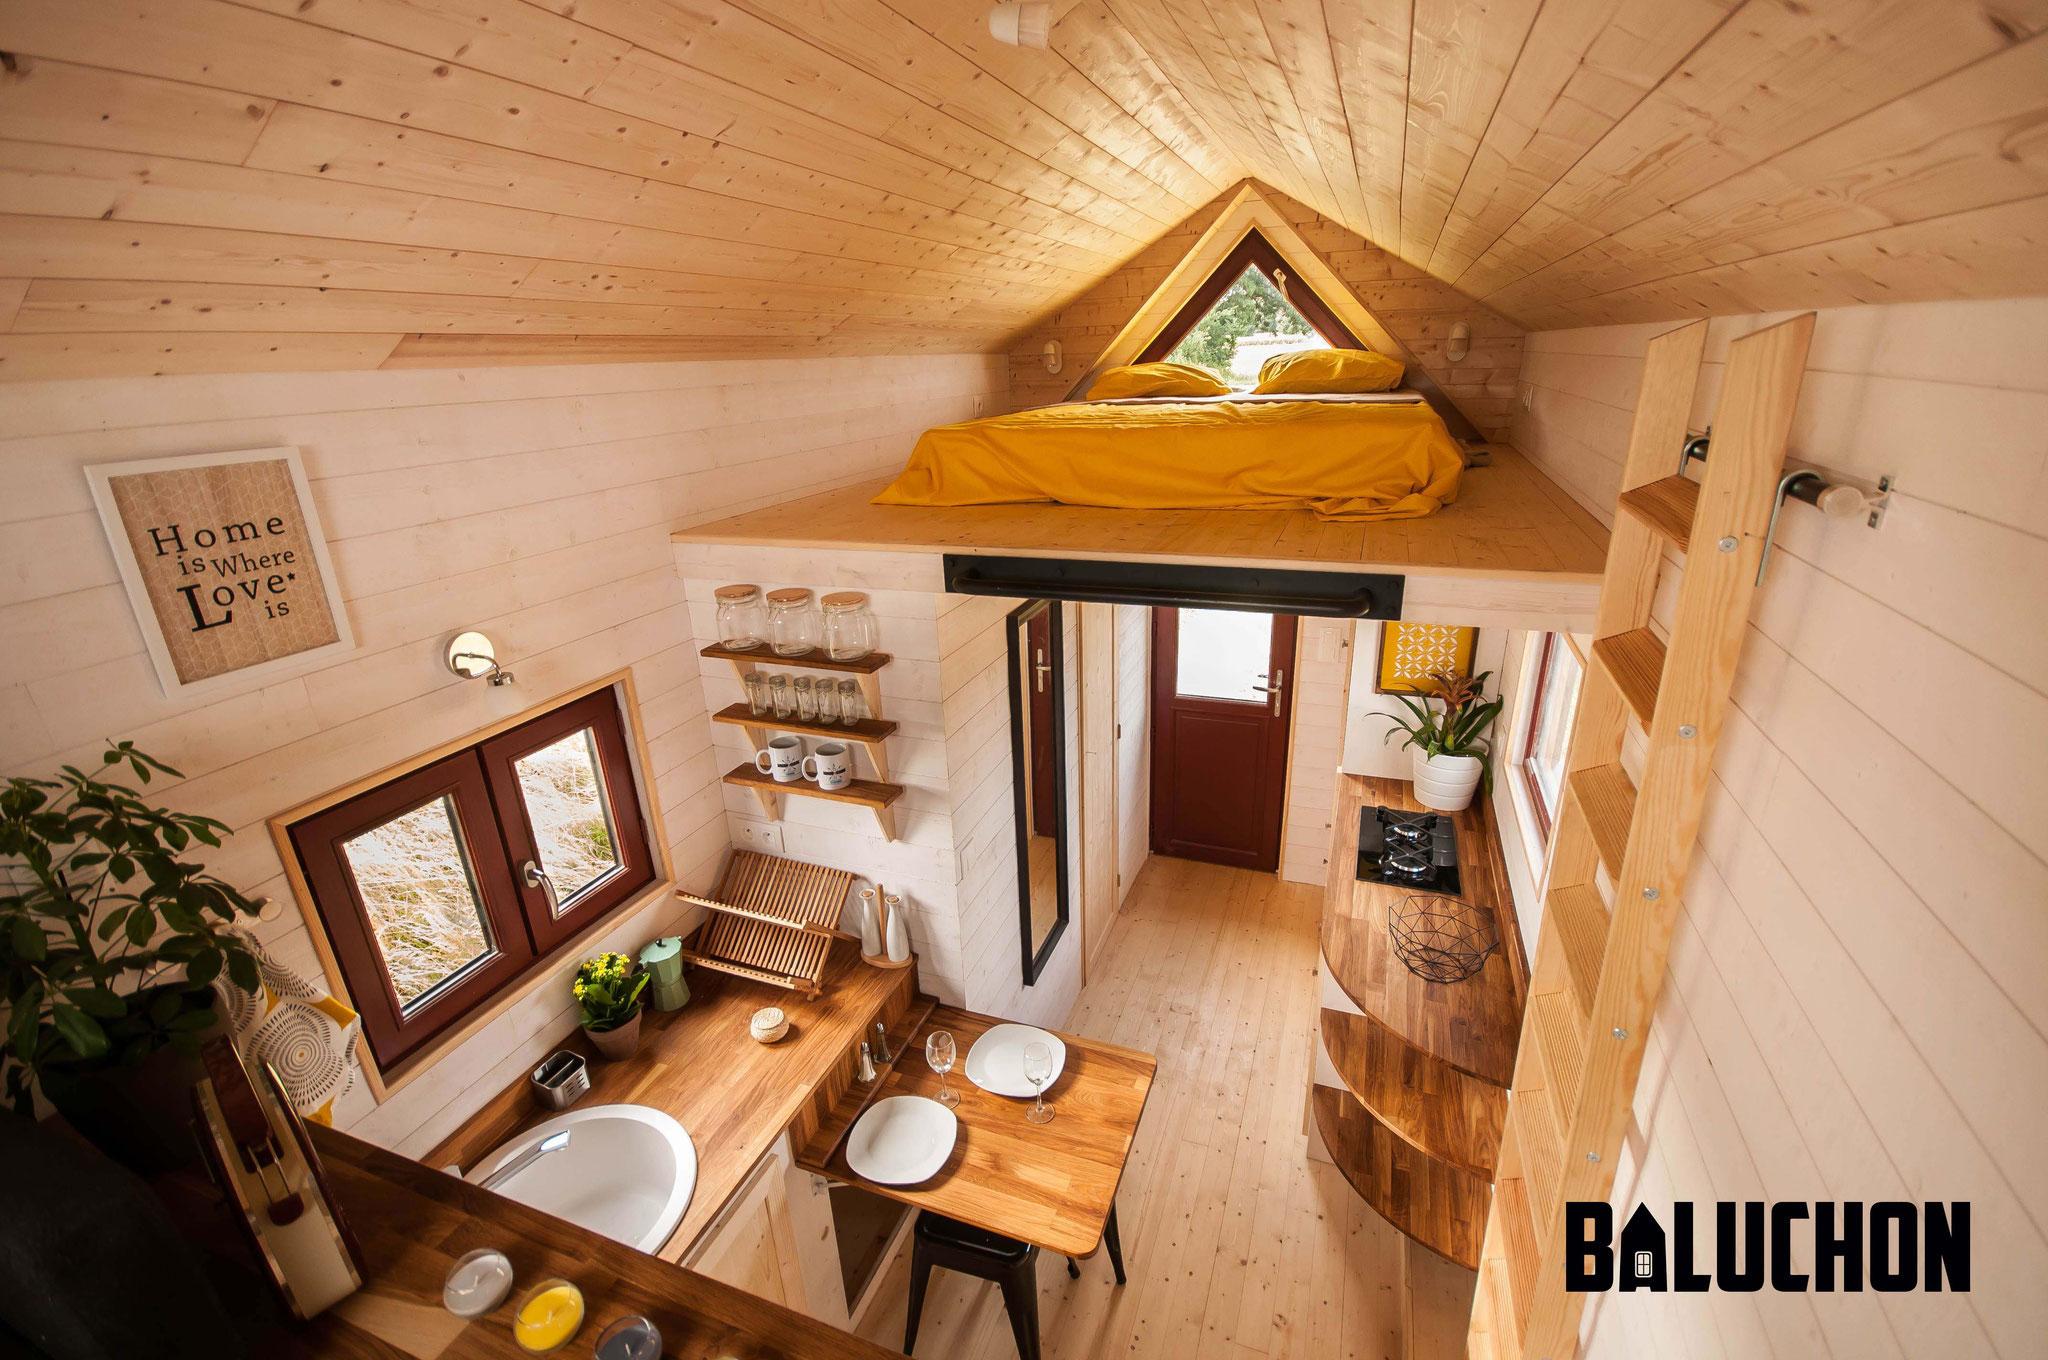 L'Odyssée - French Tiny House - Tiny House Design